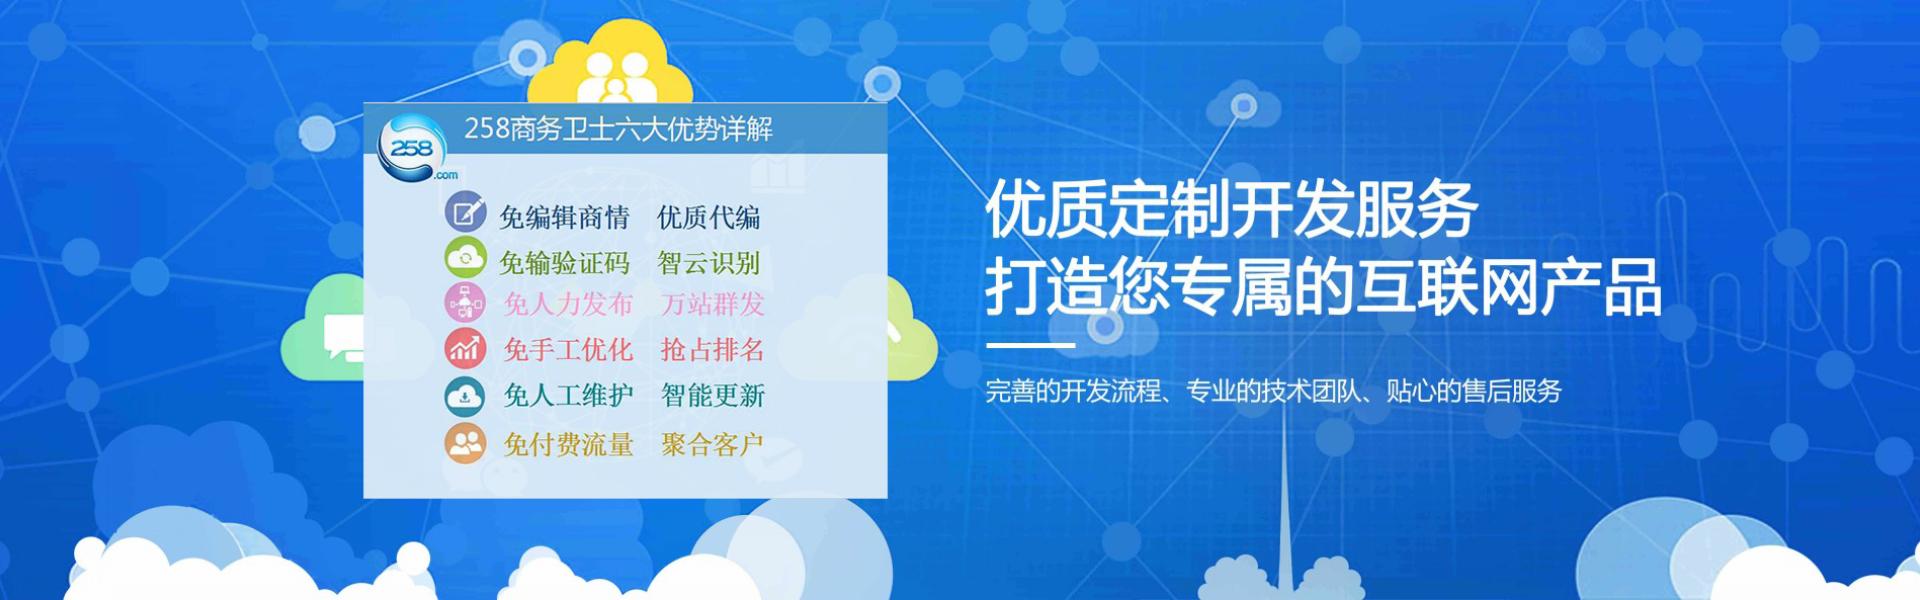 惠州网络推广|惠州小程序开发|惠州网络公司|惠州网站建设推广